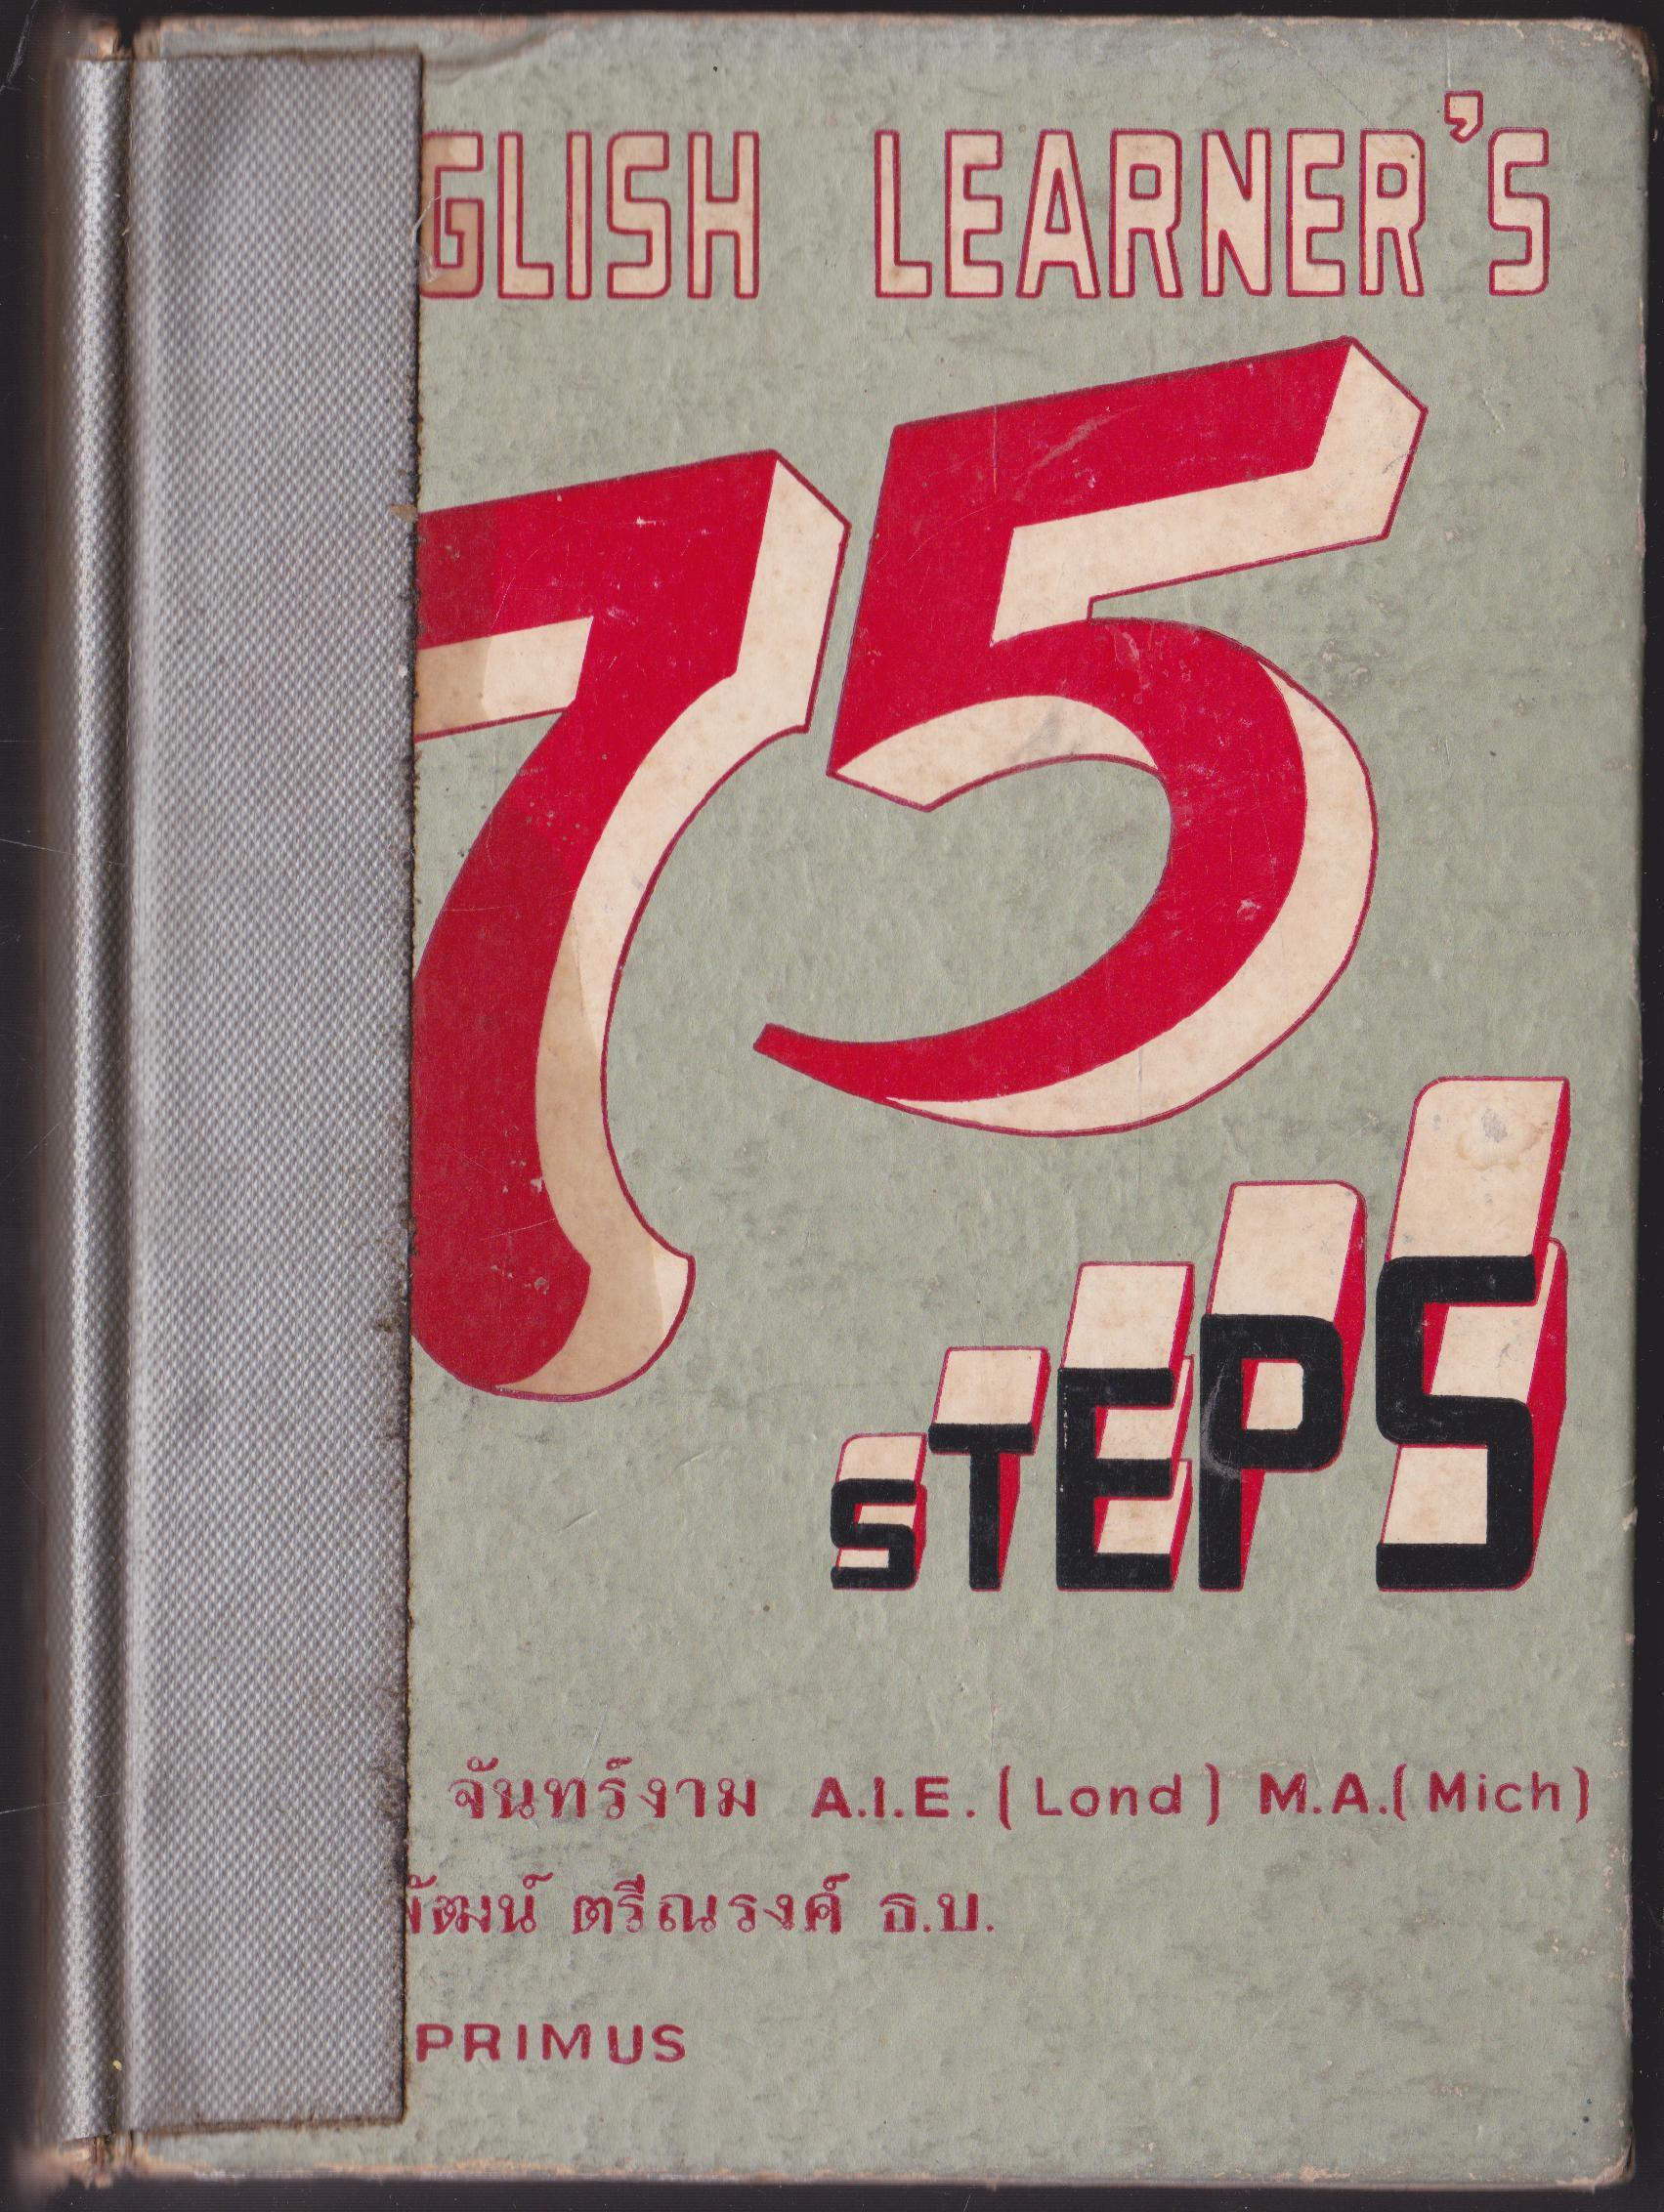 ENGLISH LEARNER 'S 75 STEPS ตำราเรียนพูดภาษาอังกฤษด้วยตนเอง75 STEPS